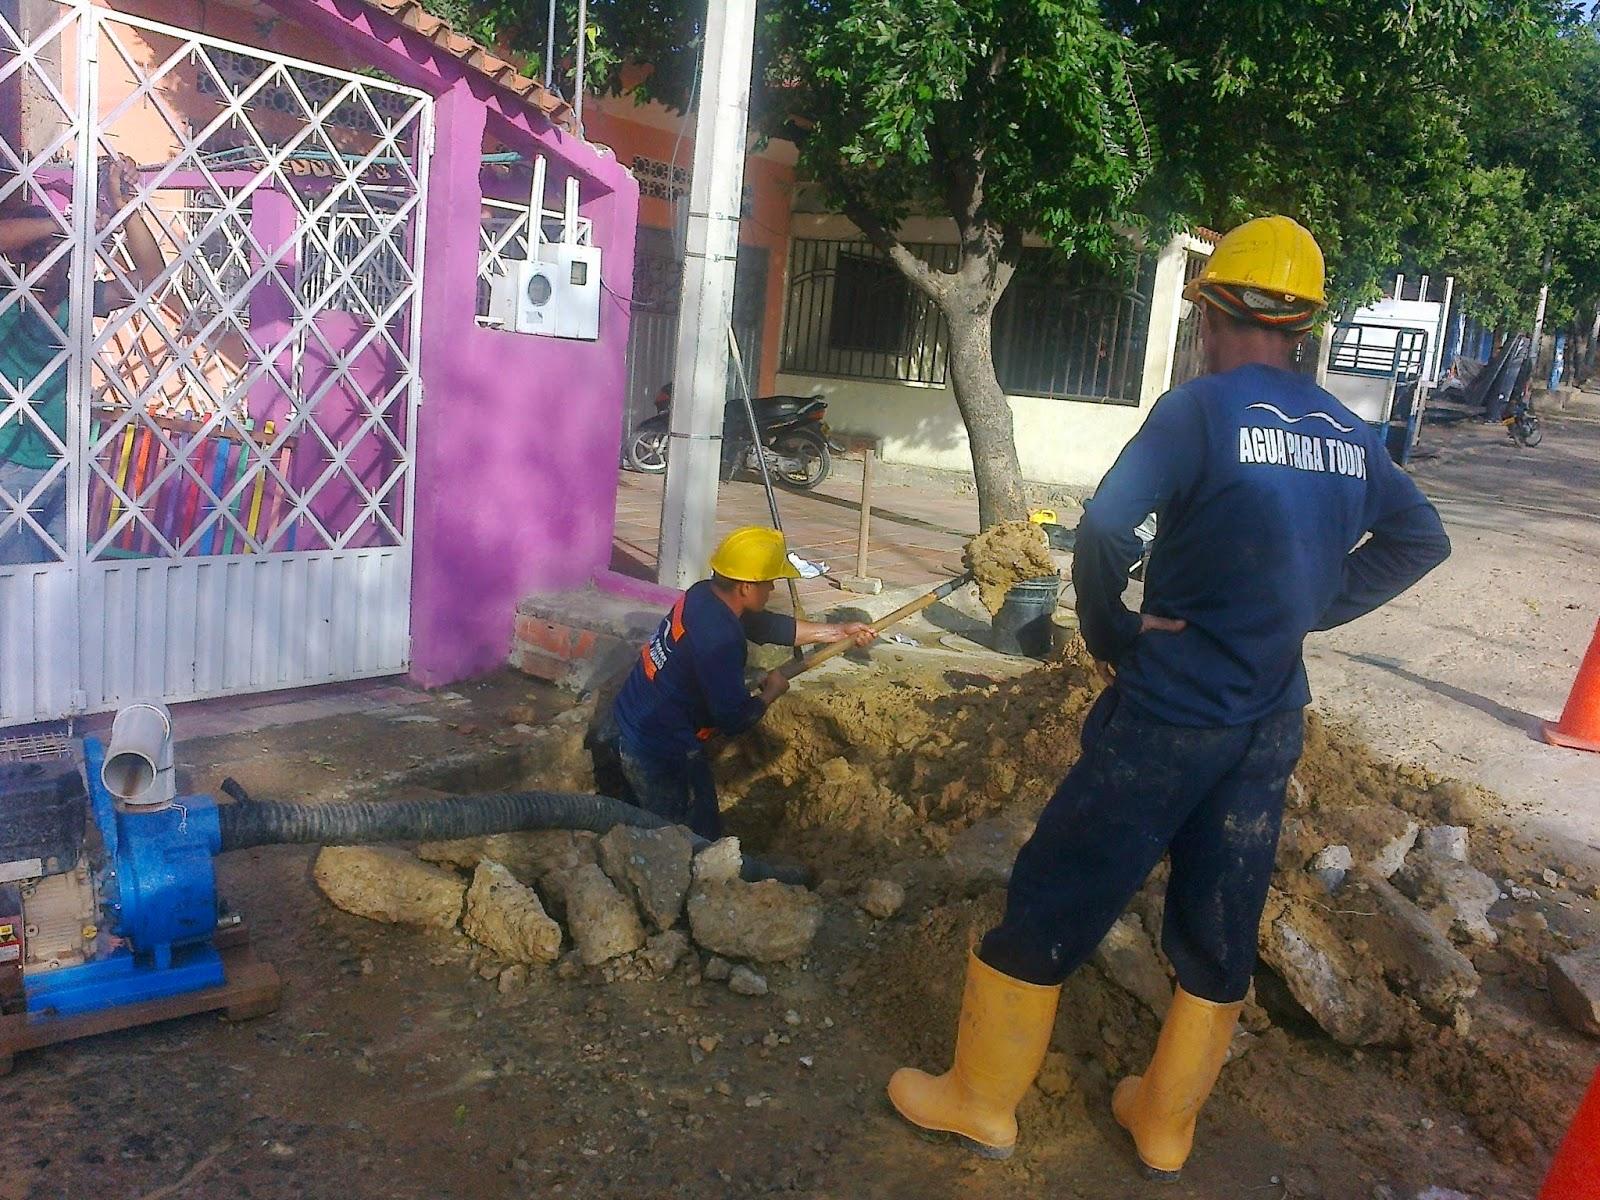 Llega la cuadrilla de #AguasKpitalCúcuta a reparar bote de agua en #EcoparqueDivinoNiño de Chapinero #MovilNOTICIASLlega la cuadrilla de #AguasKpitalCúcuta a reparar bote de agua en #EcoparqueDivinoNiño de Chapinero #MovilNOTICIAS